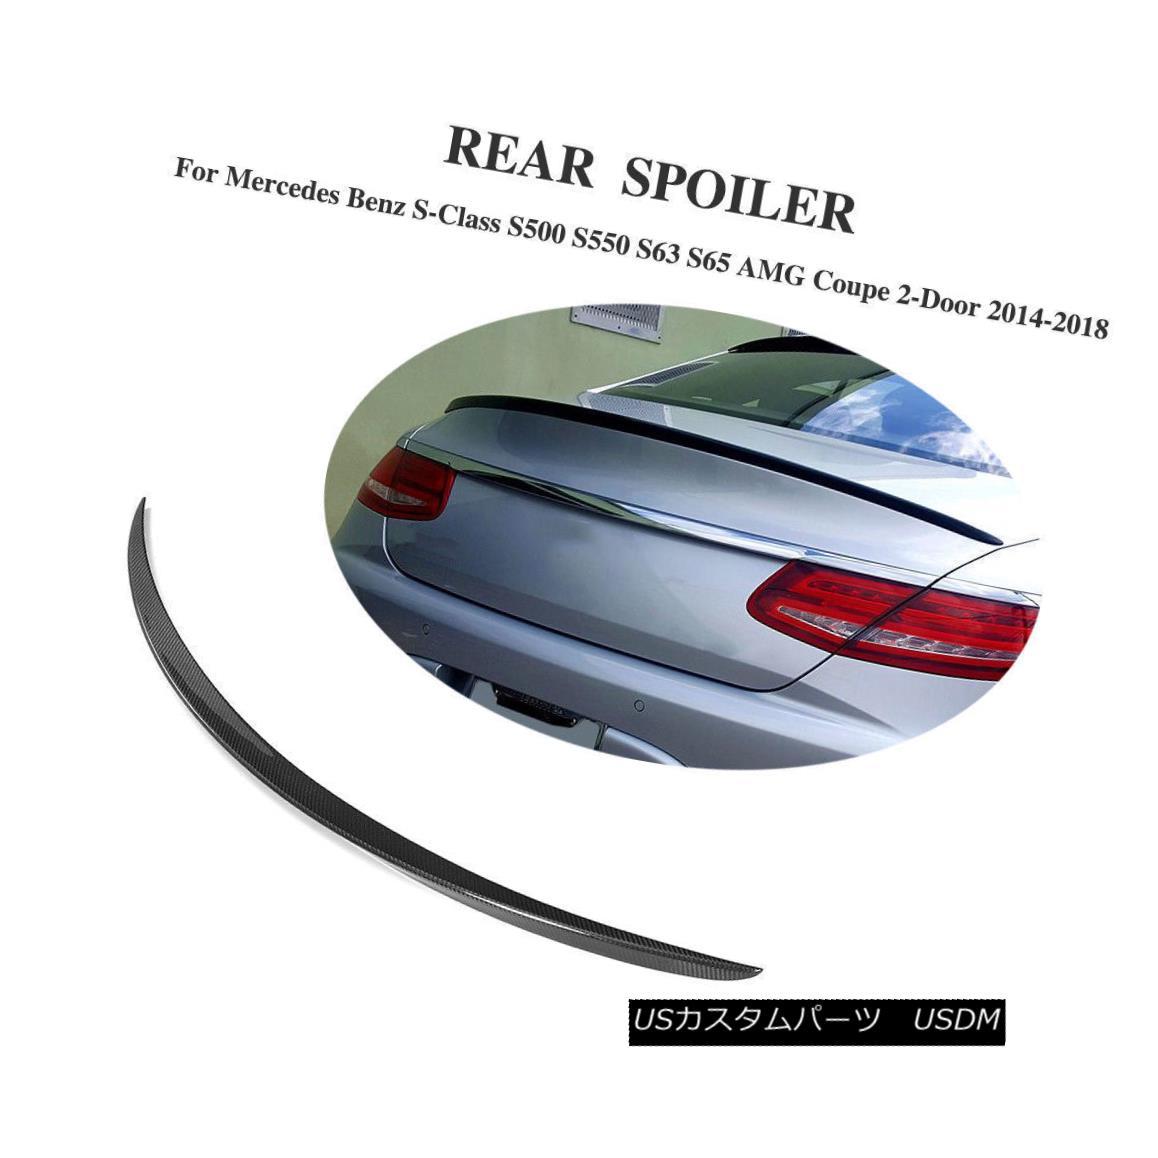 エアロパーツ Rear Spoiler Carbon Fiber For Benz S-Class S500 S550 S63 S65 AMG Coupe 14-18 ベンツSクラスS500 S550 S63 S65 AMGクーペ14-18のためのリアスポイラー炭素繊維